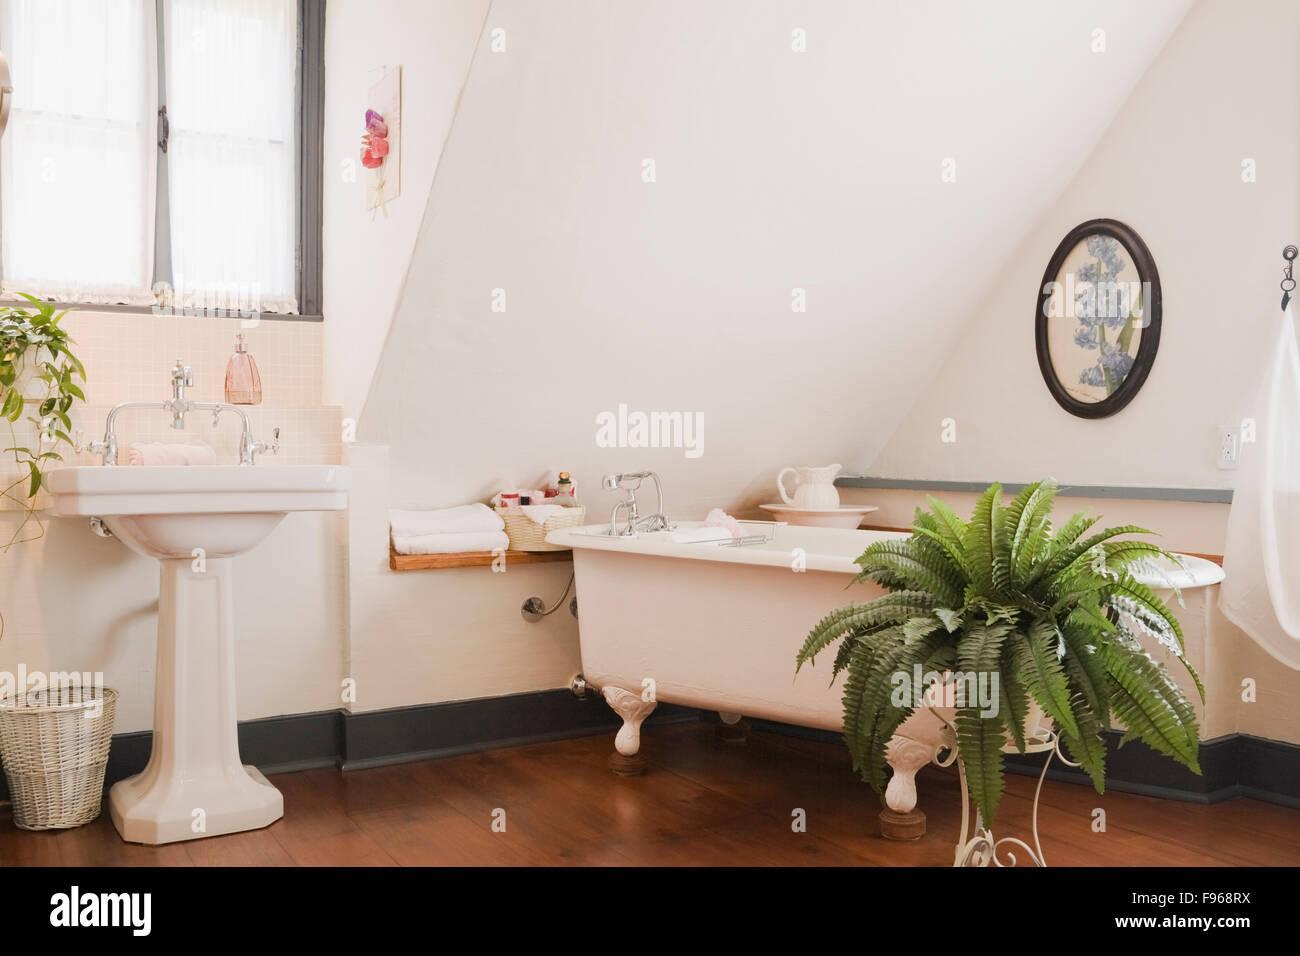 Vasca Da Bagno Nella Camera Da Letto : Lavandino su di un piedistallo e un rolltop vasca da bagno nella